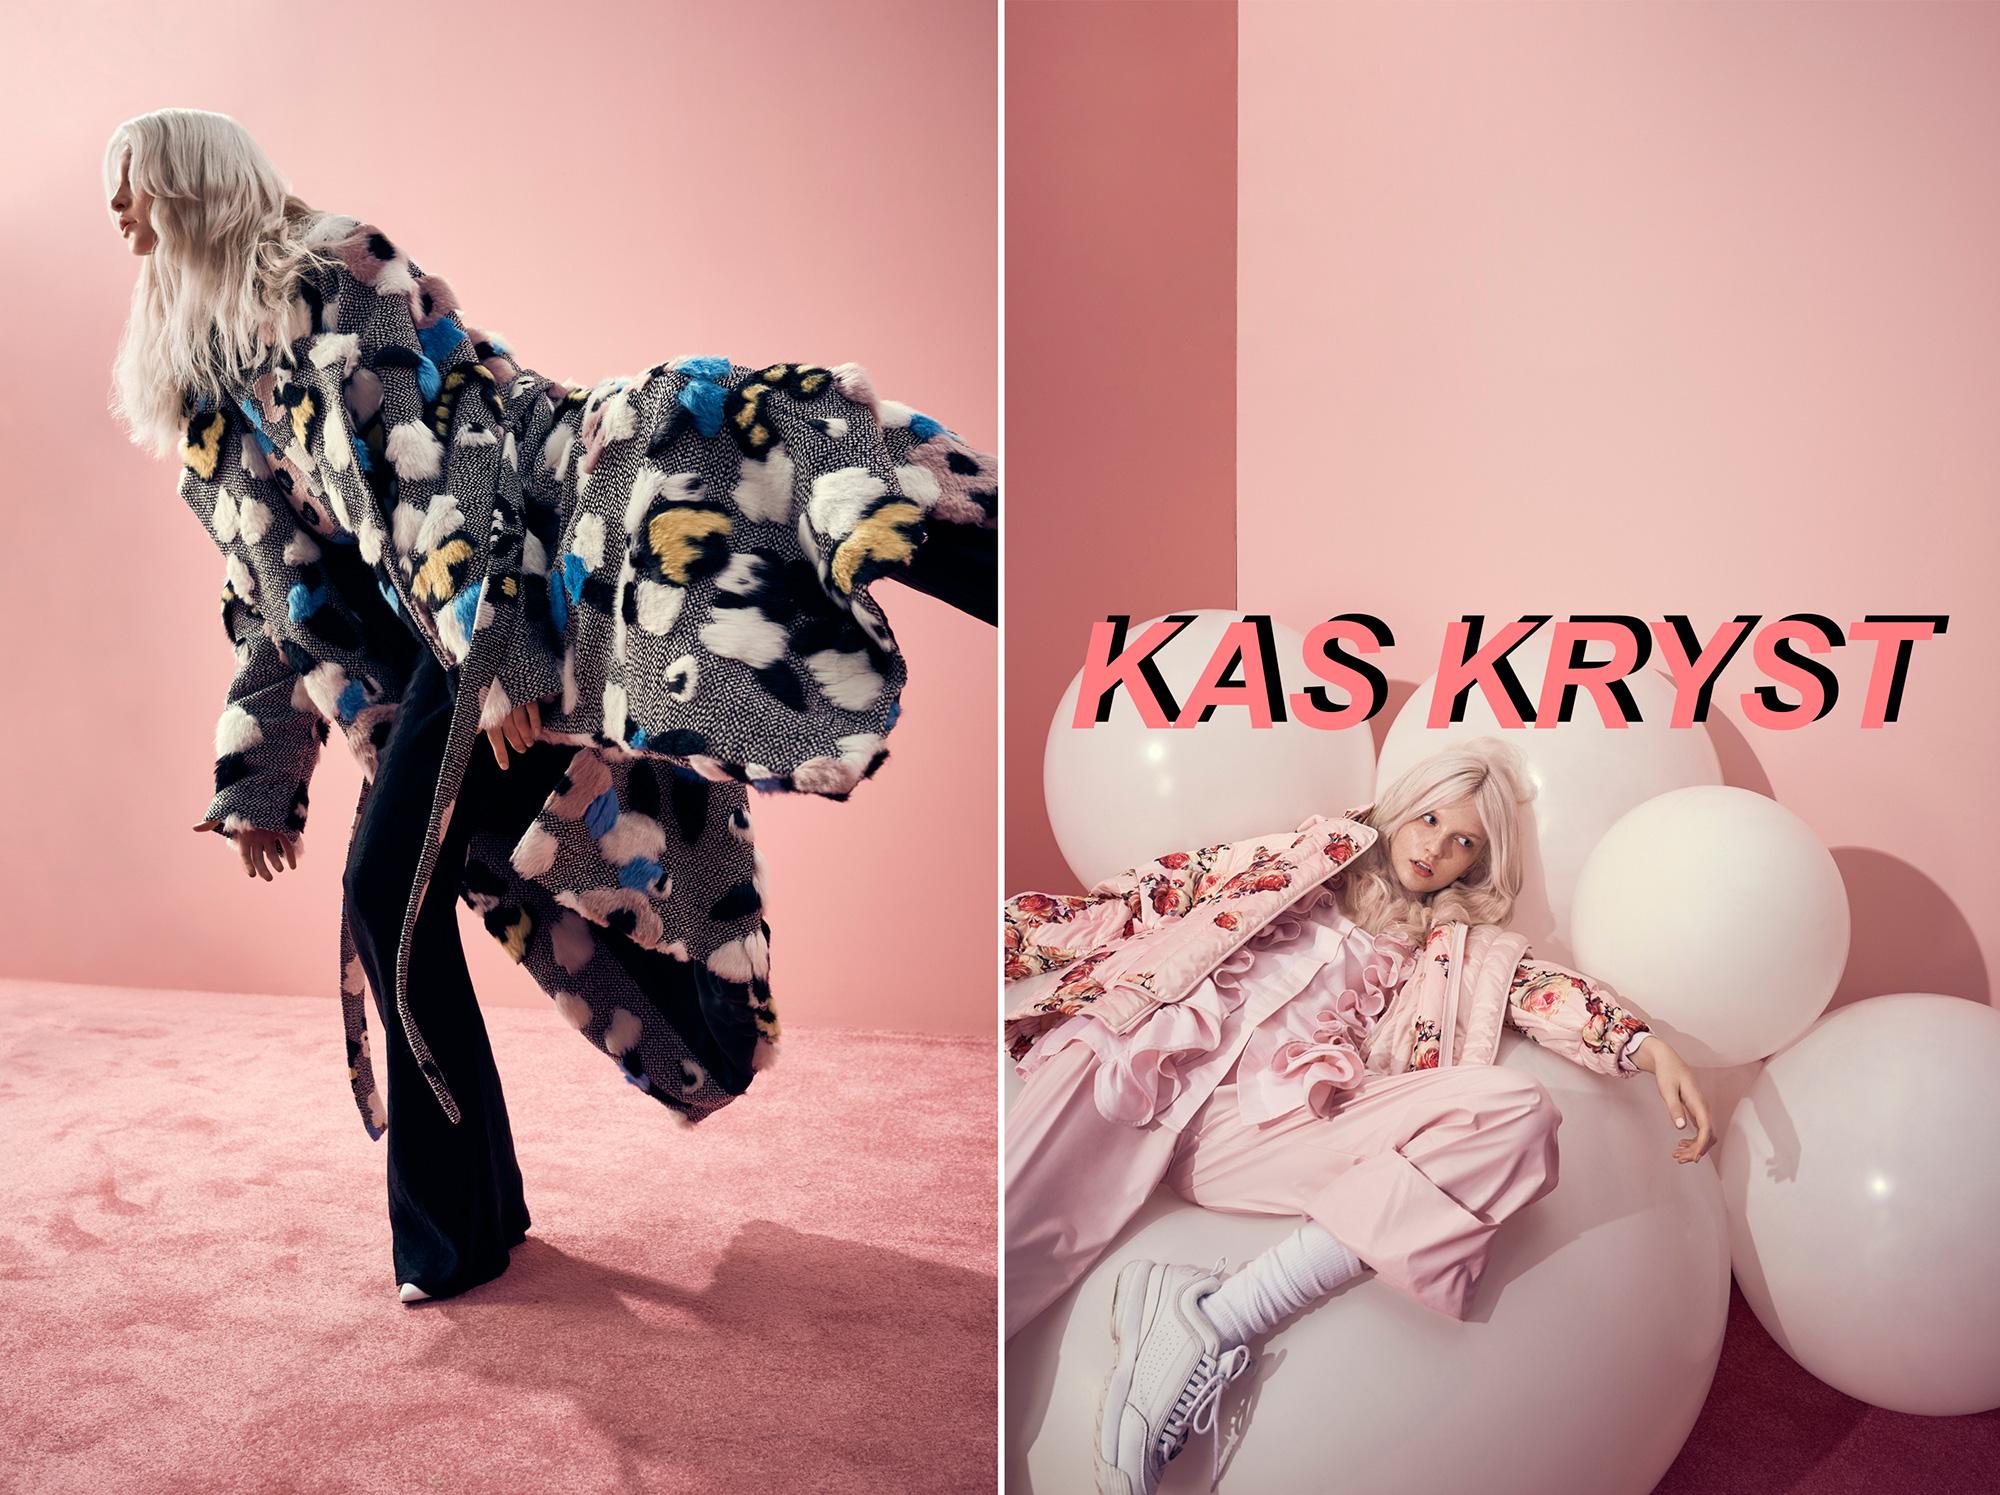 Jedno zdjecie polaczone z dwoch na kazdym wystepuje rozowe tlo i rozowy dywan na pierwszym od lewej widac dziewczyne w blond wlosach w ruchomej pozie ubrana w dlugi puchowy plaszcz i czarne spodnie na zdjeciu po prawej stronie blondynka ubrana w rozowa kurtke rozowe spodnie i falbany lezy na bialych balonach